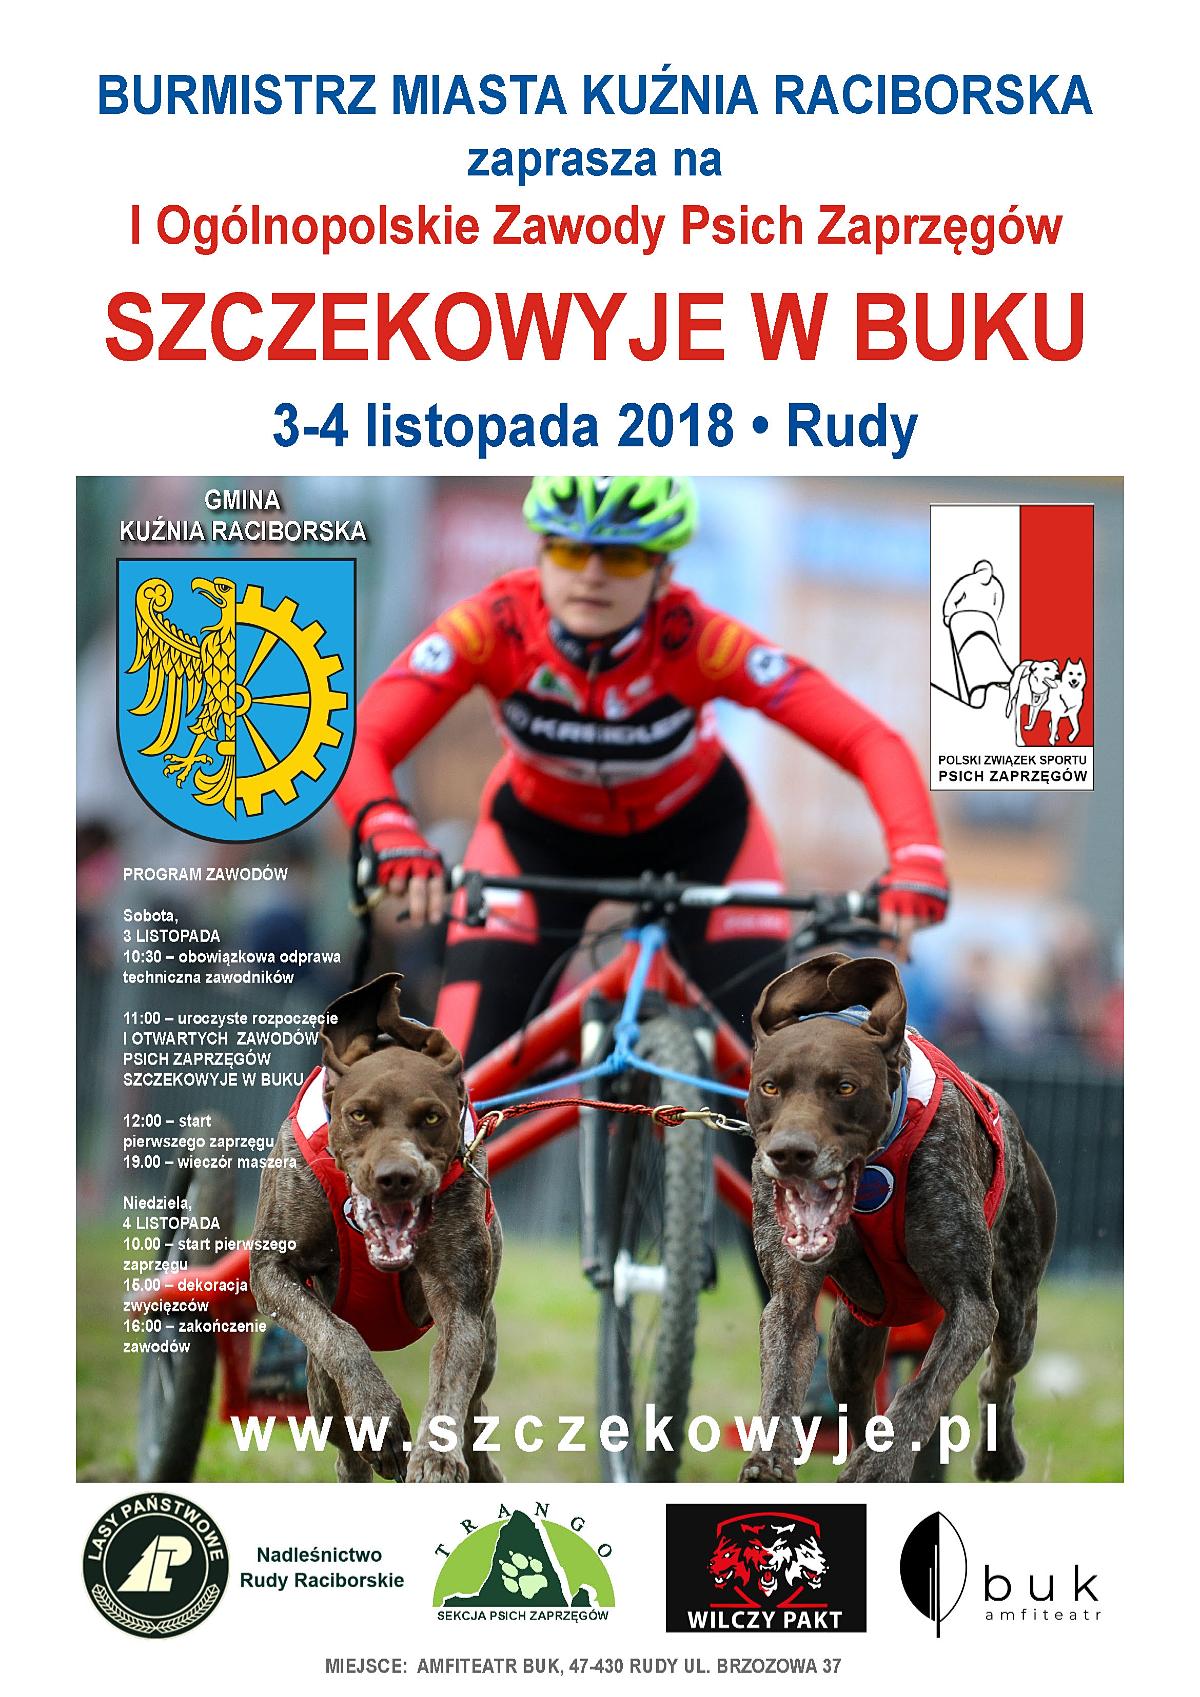 Ogólnopolskie Zawody Psich Zaprzęgów w Rudach 2018